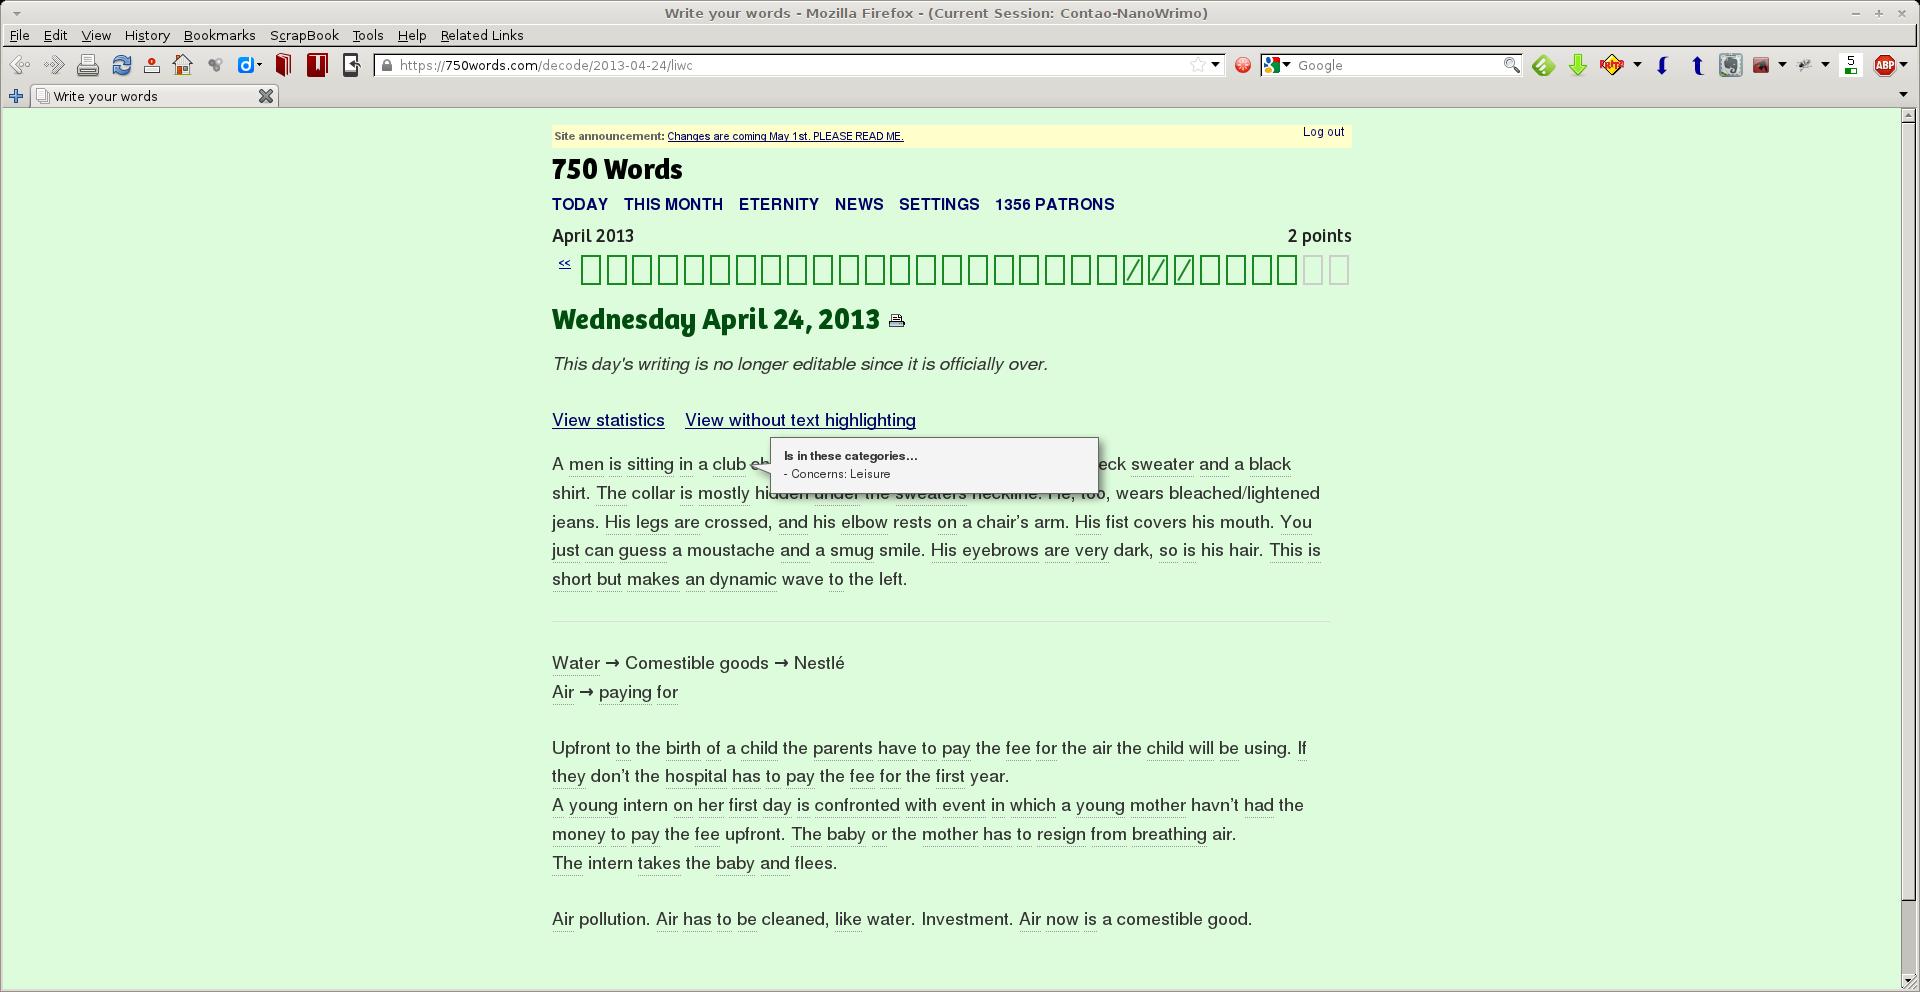 750 Words - Linguistische Auswertung